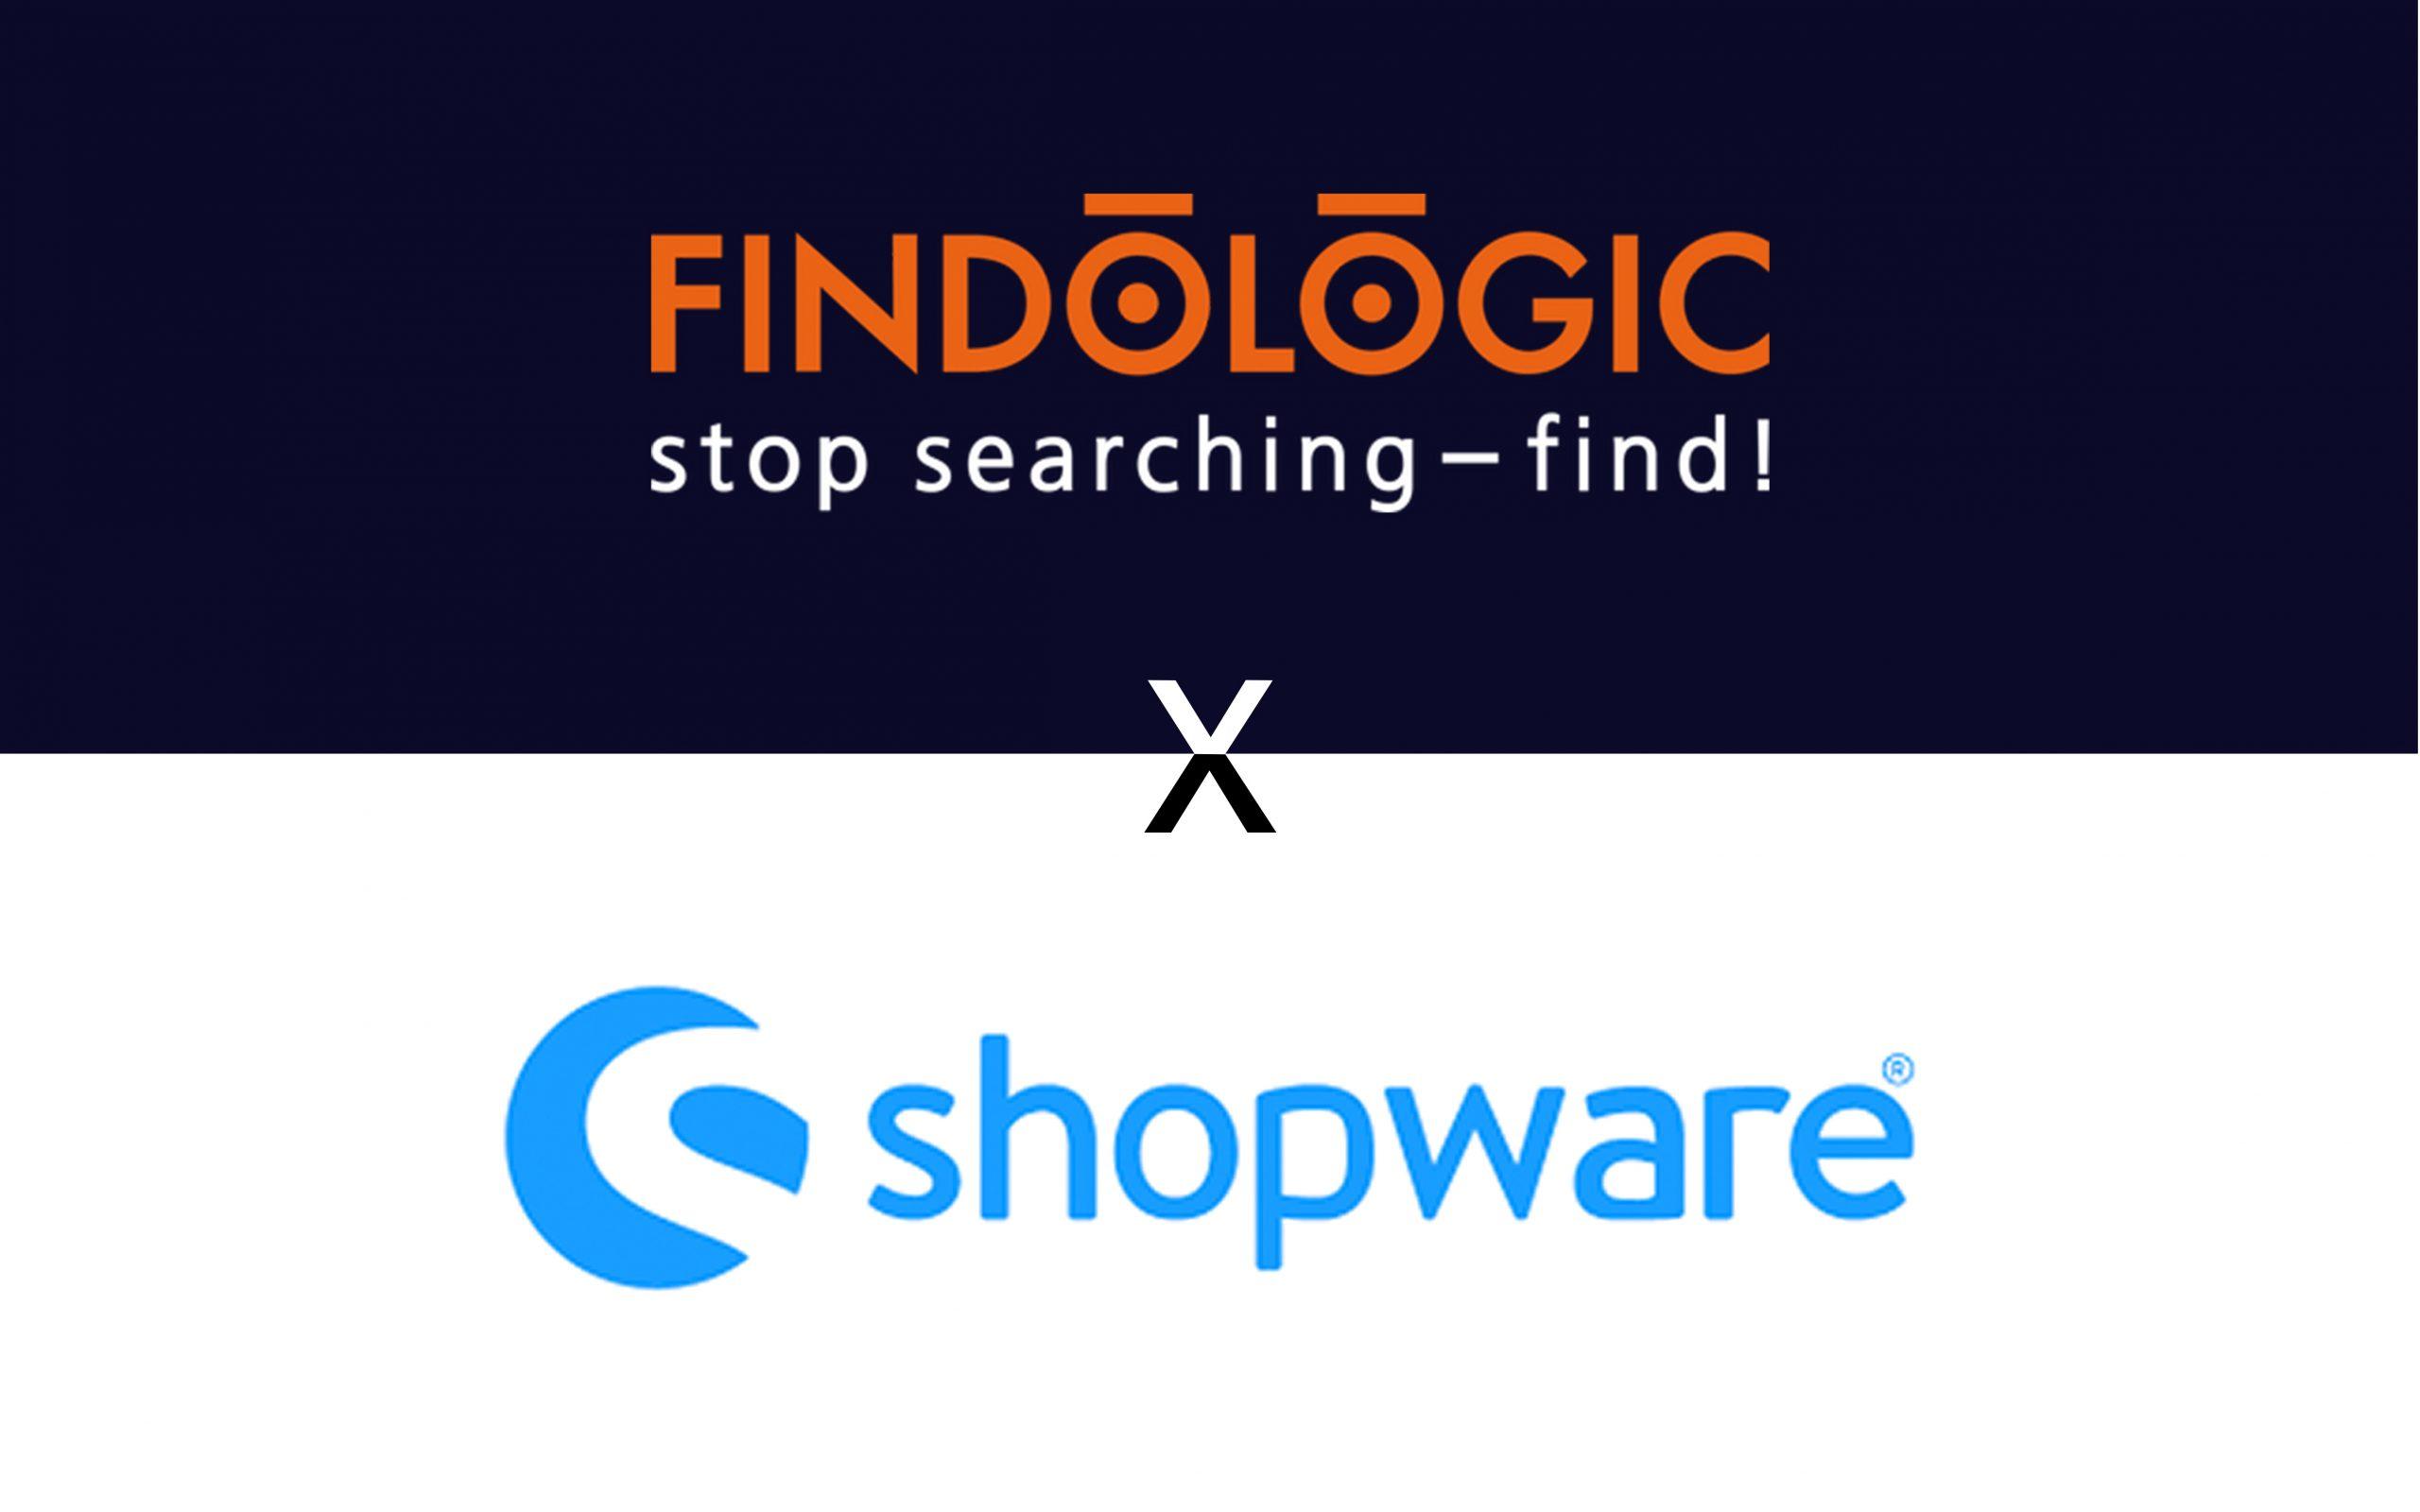 Shopware Findologic